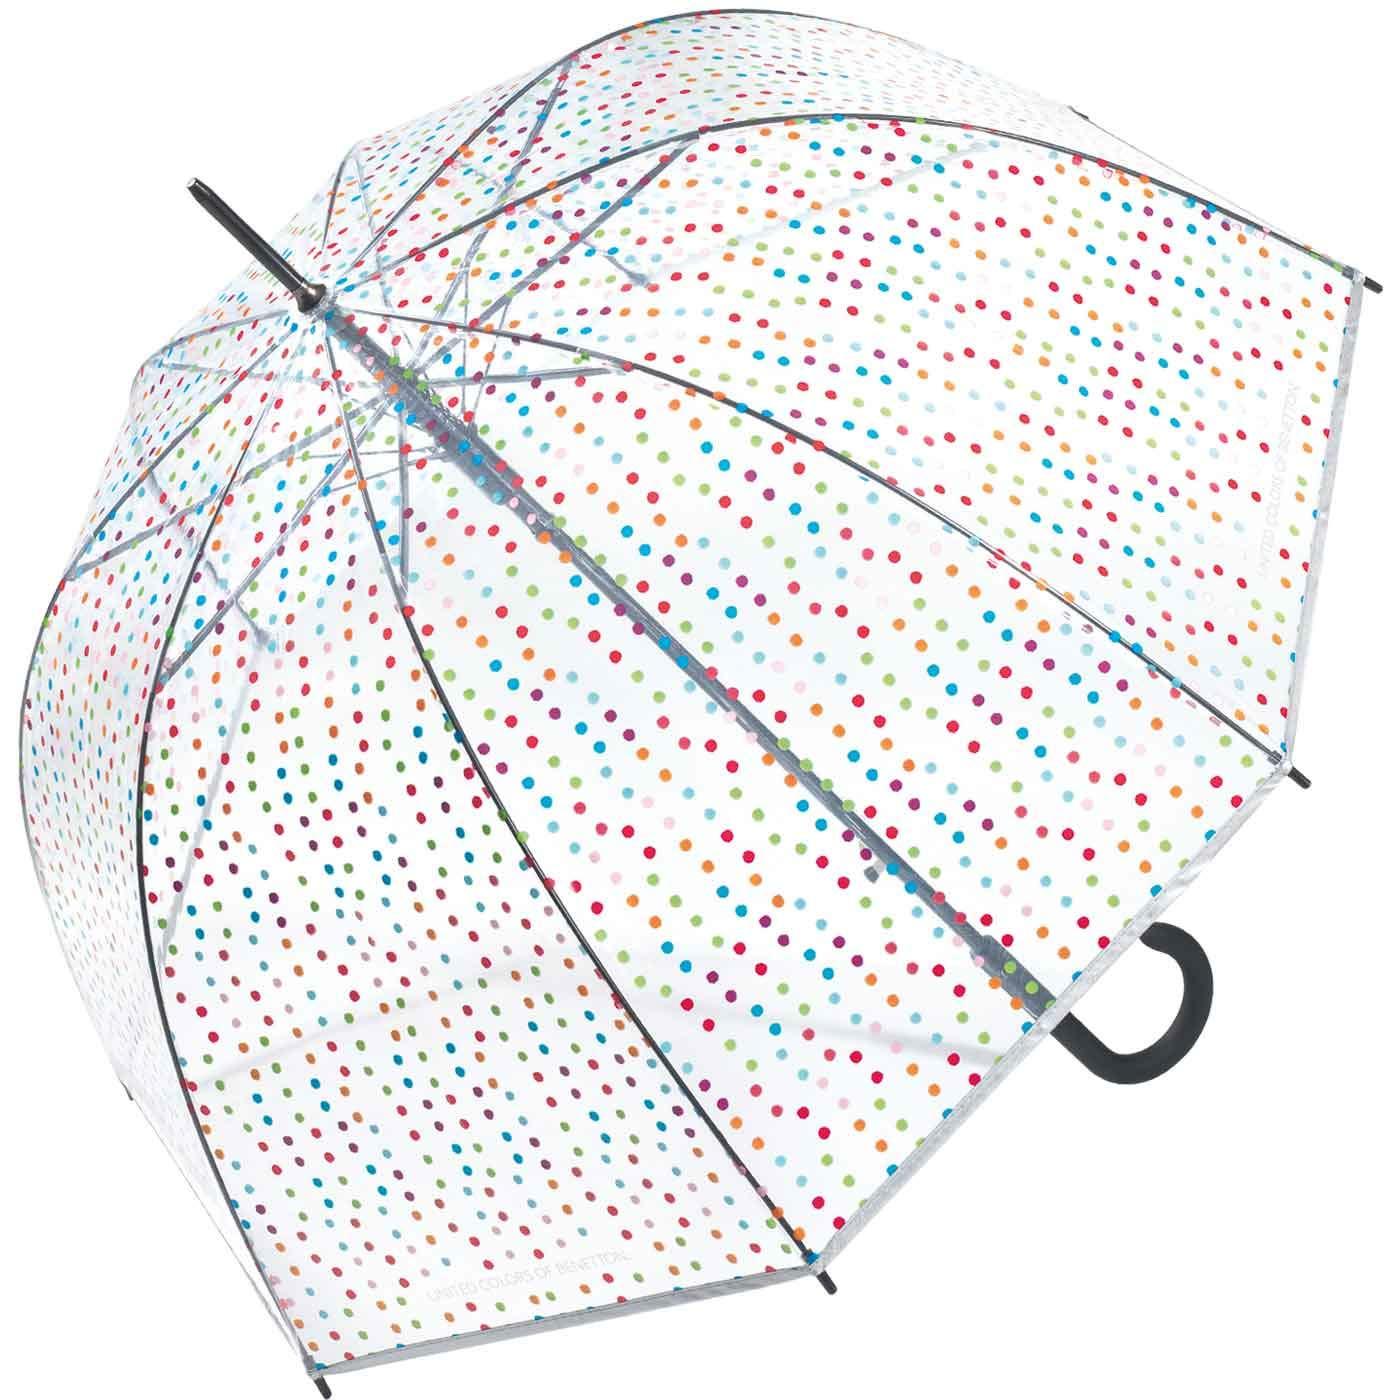 Paraguas de lunares de colores